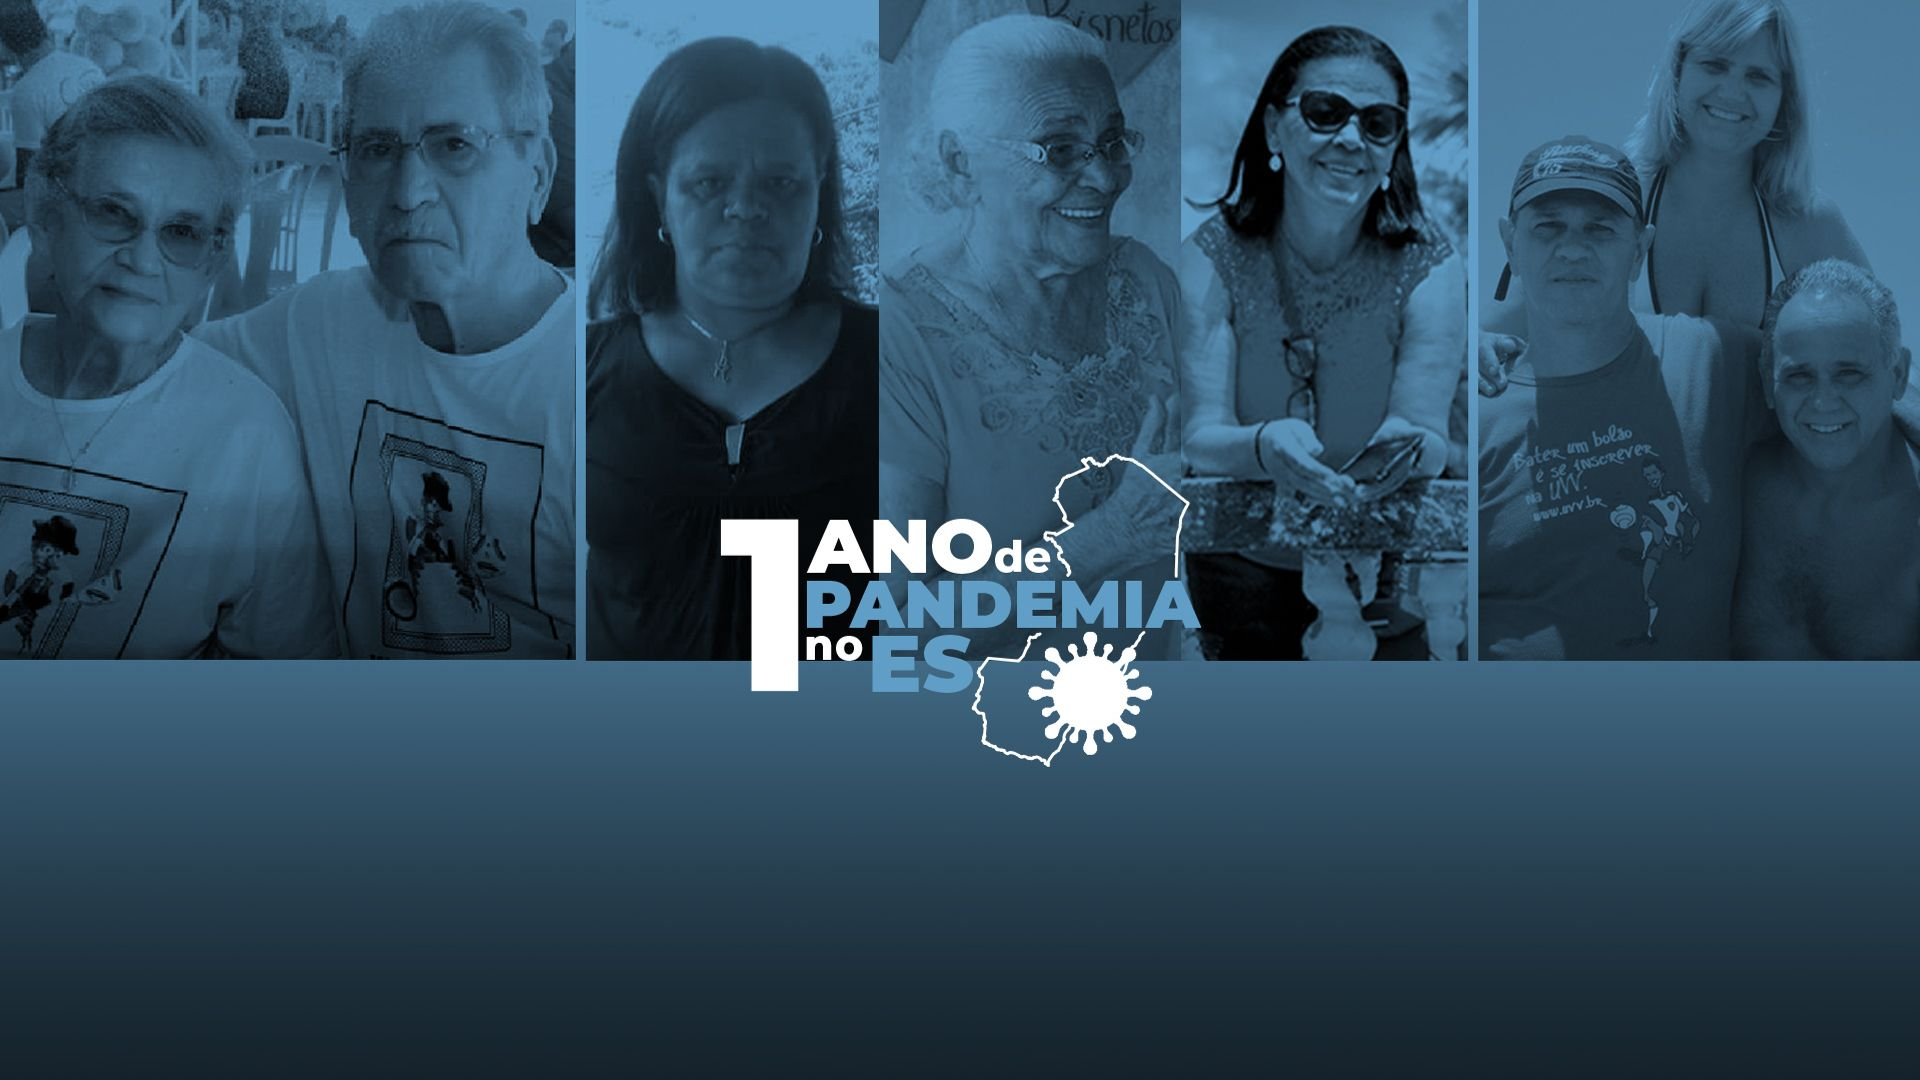 AnaGertrudes, Florentino,Valdira,Ana, Jaci,Elias,Jaime e Jaciara: vítimas da Covid-19 no ES